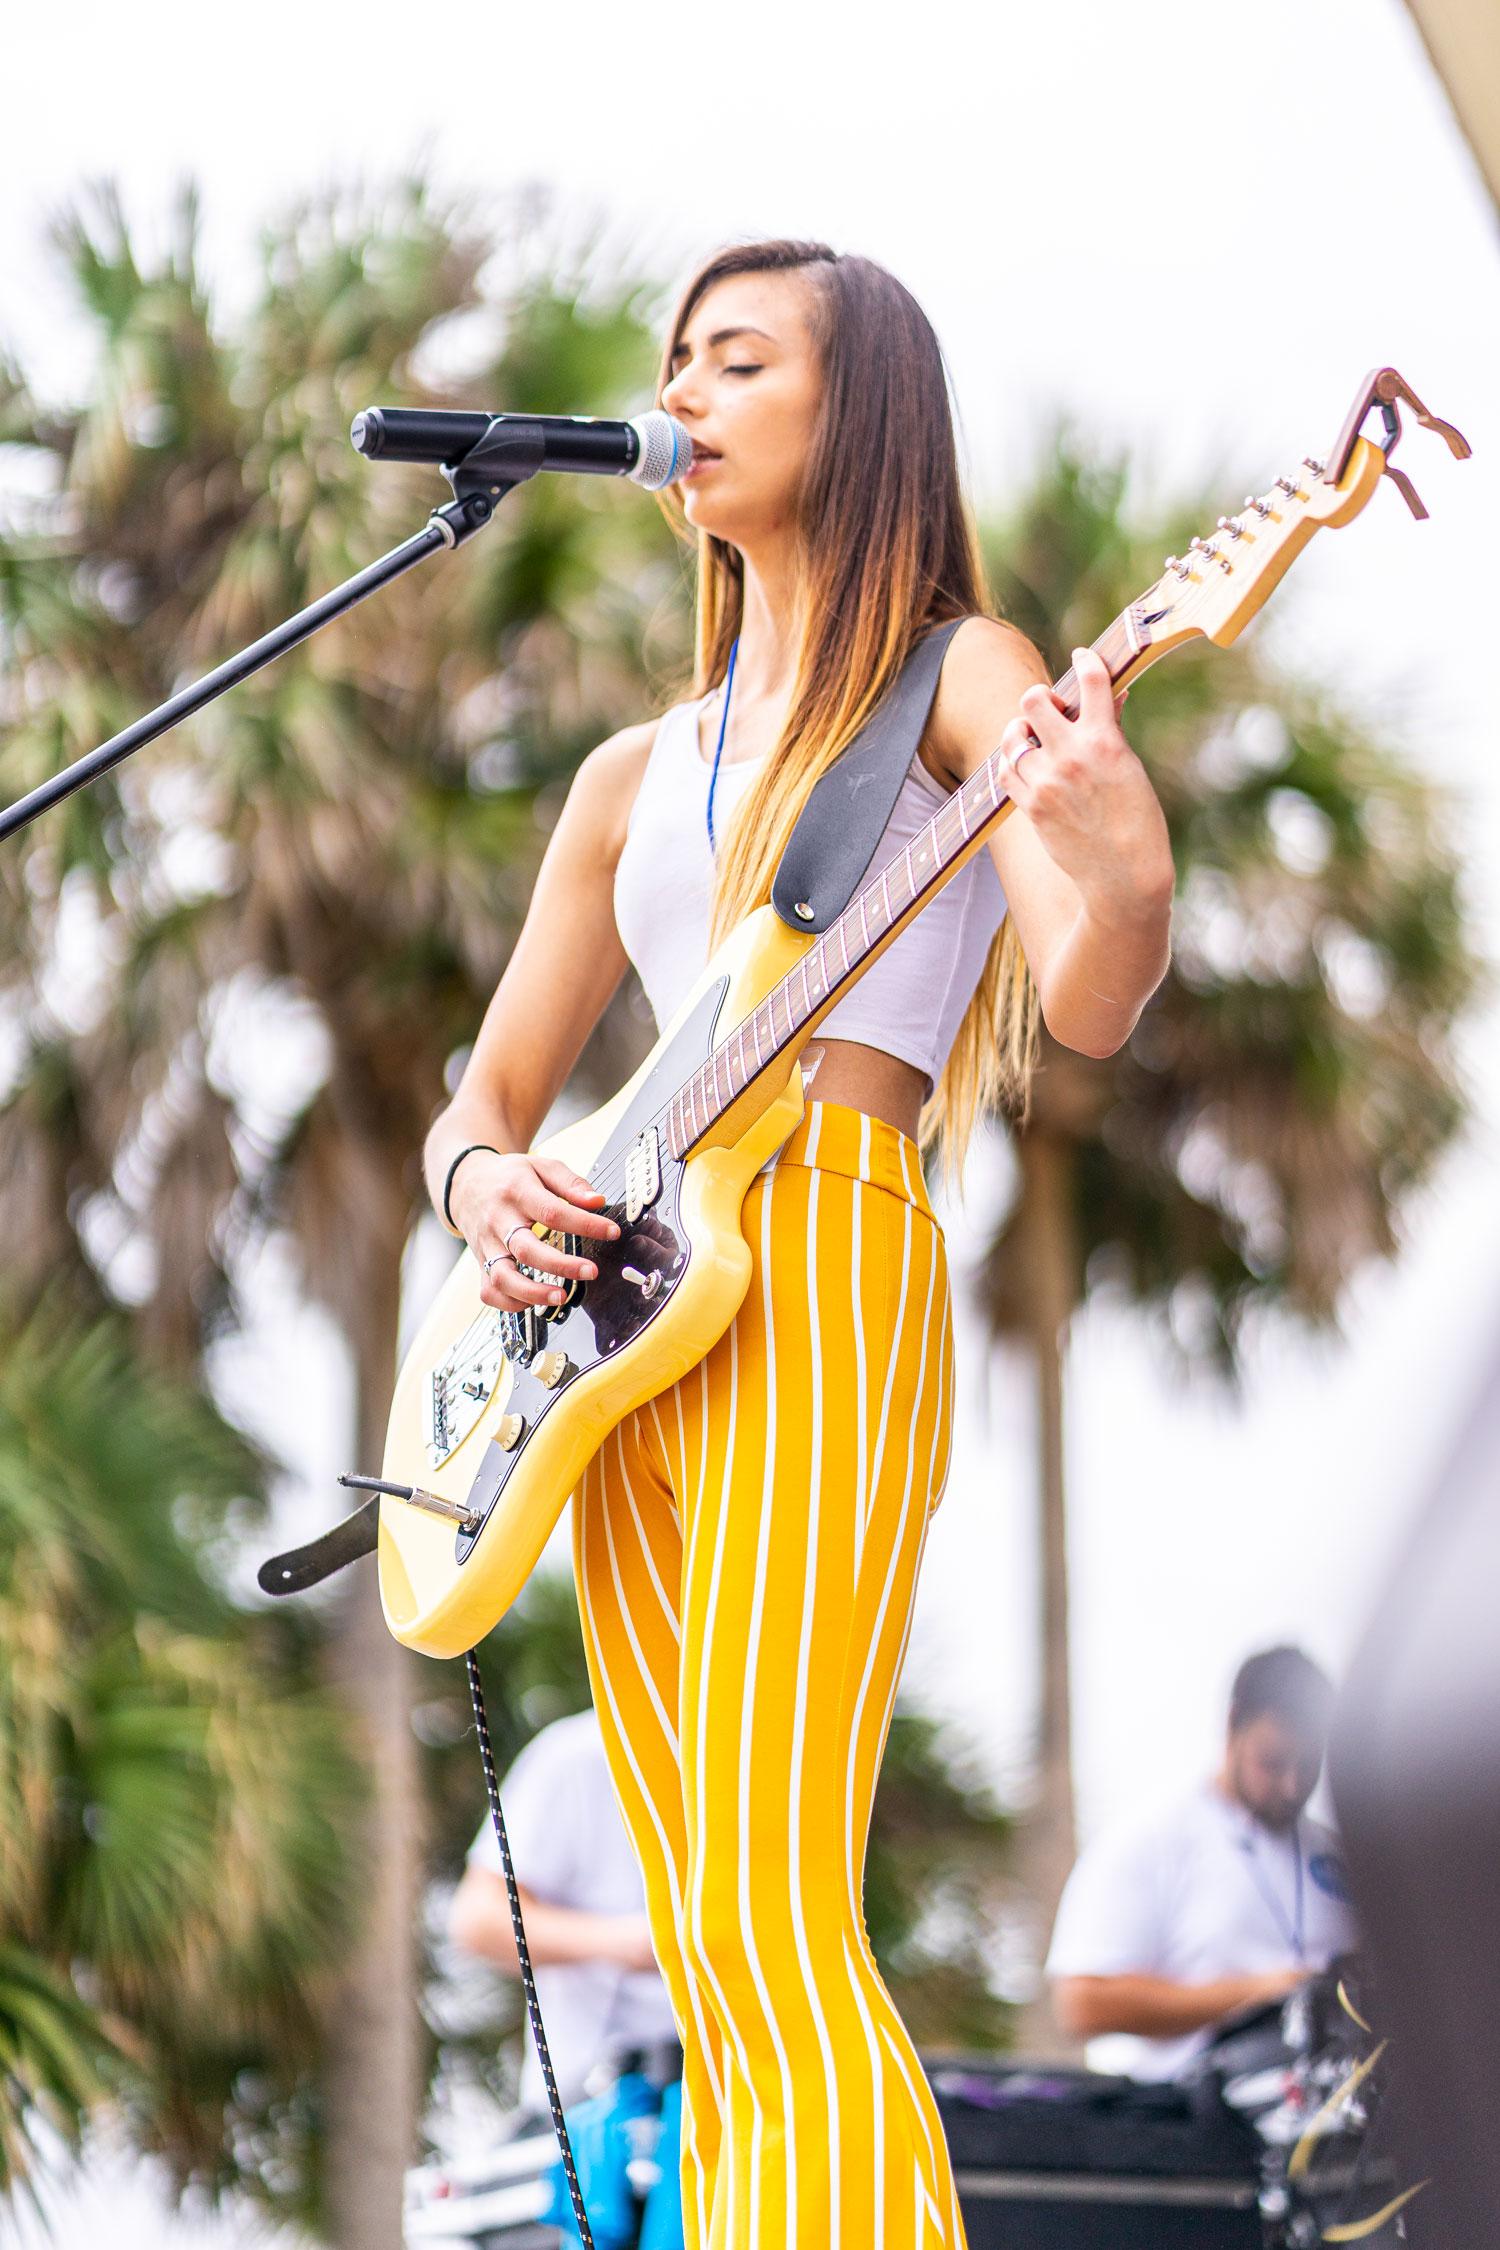 Sierra Lane playing music